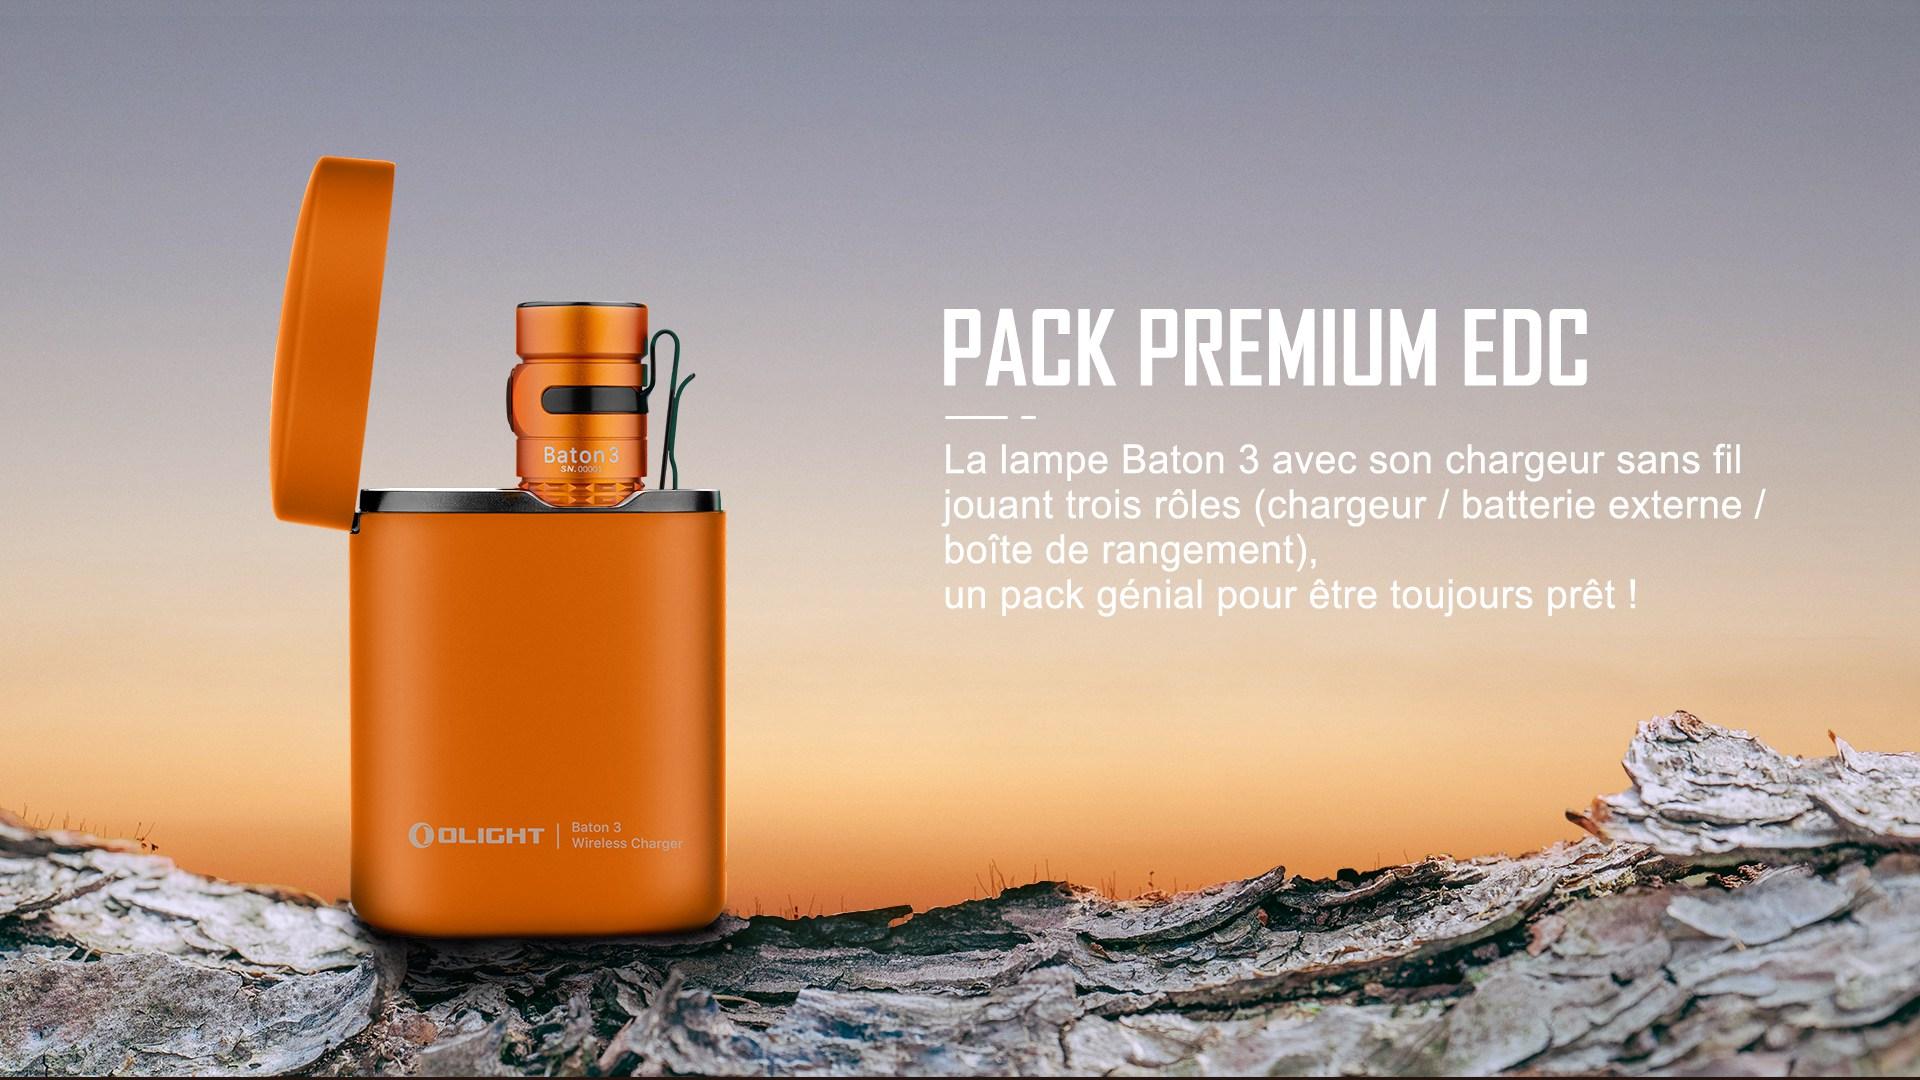 Pack Premium EDC